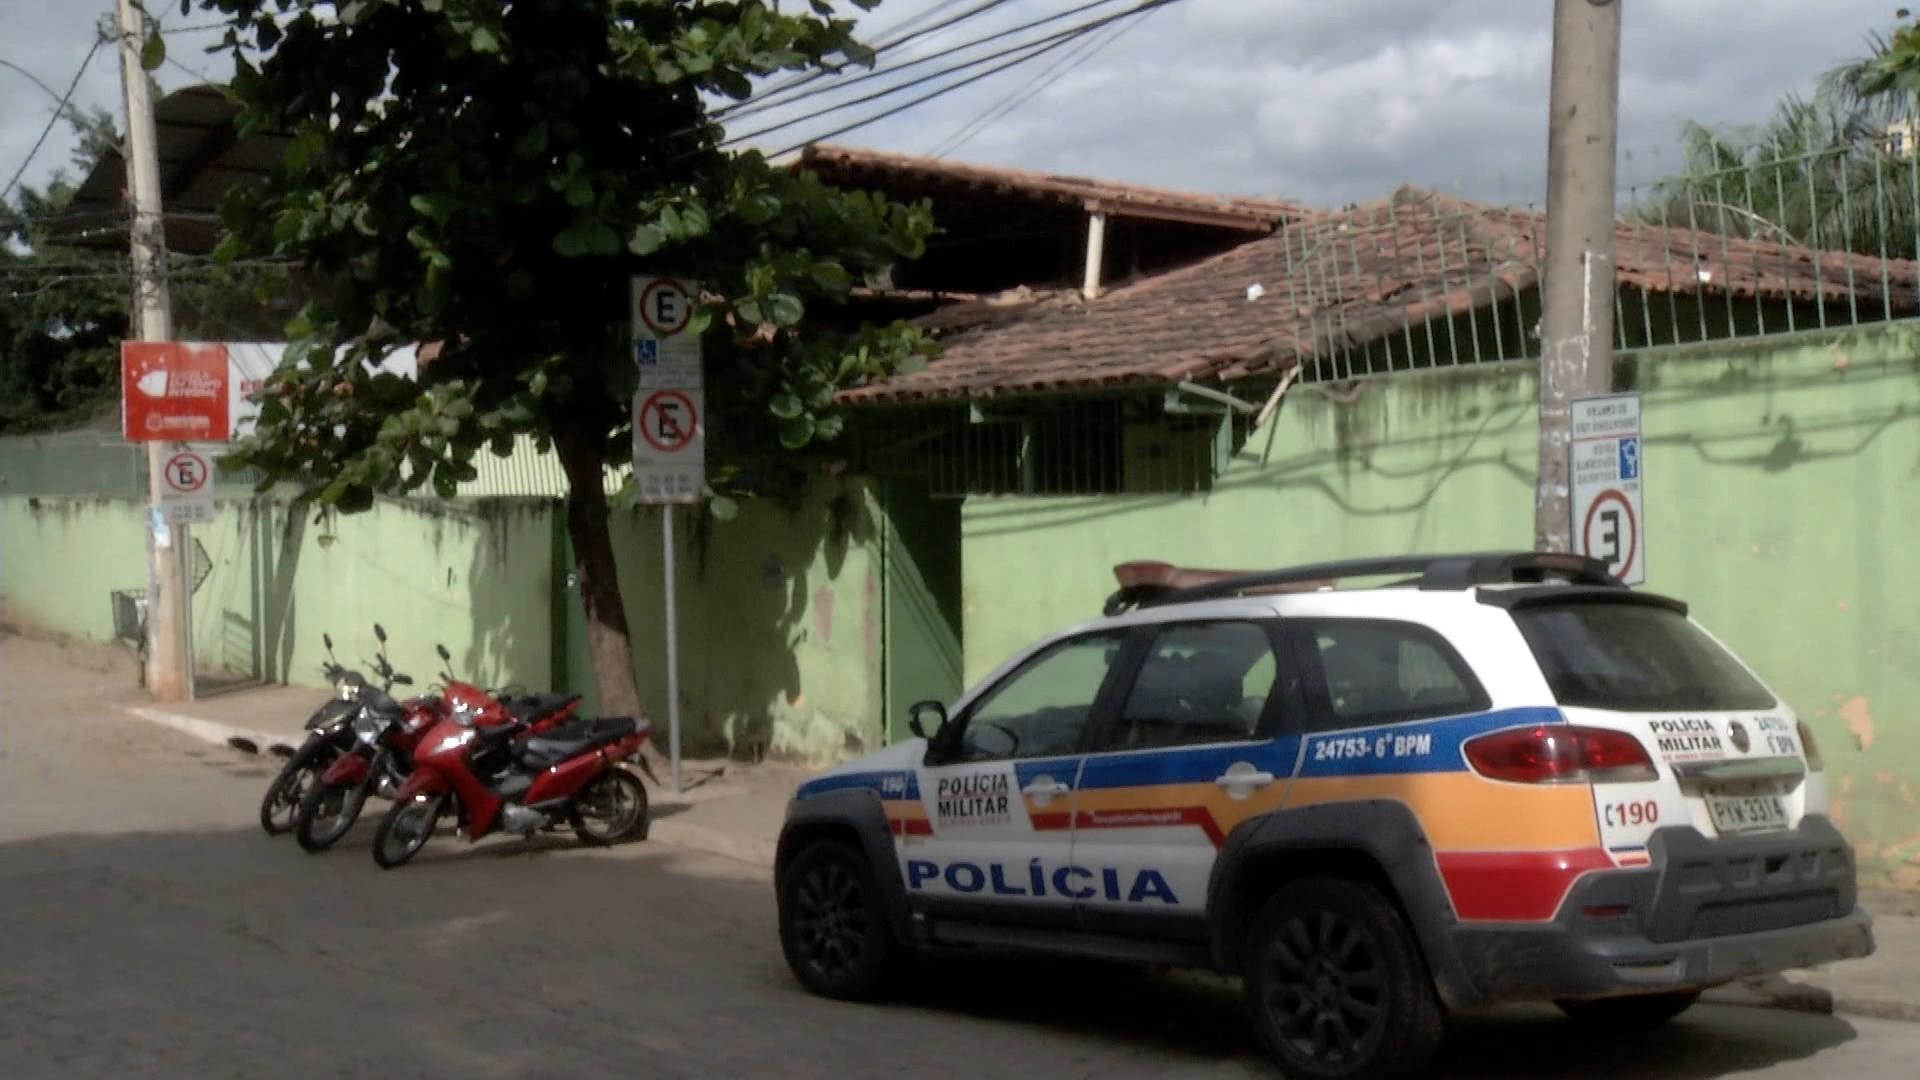 Vândalos arremessam potes de manteiga em janelas e quebram vidros de escola em Governador Valadares - Notícias - Plantão Diário